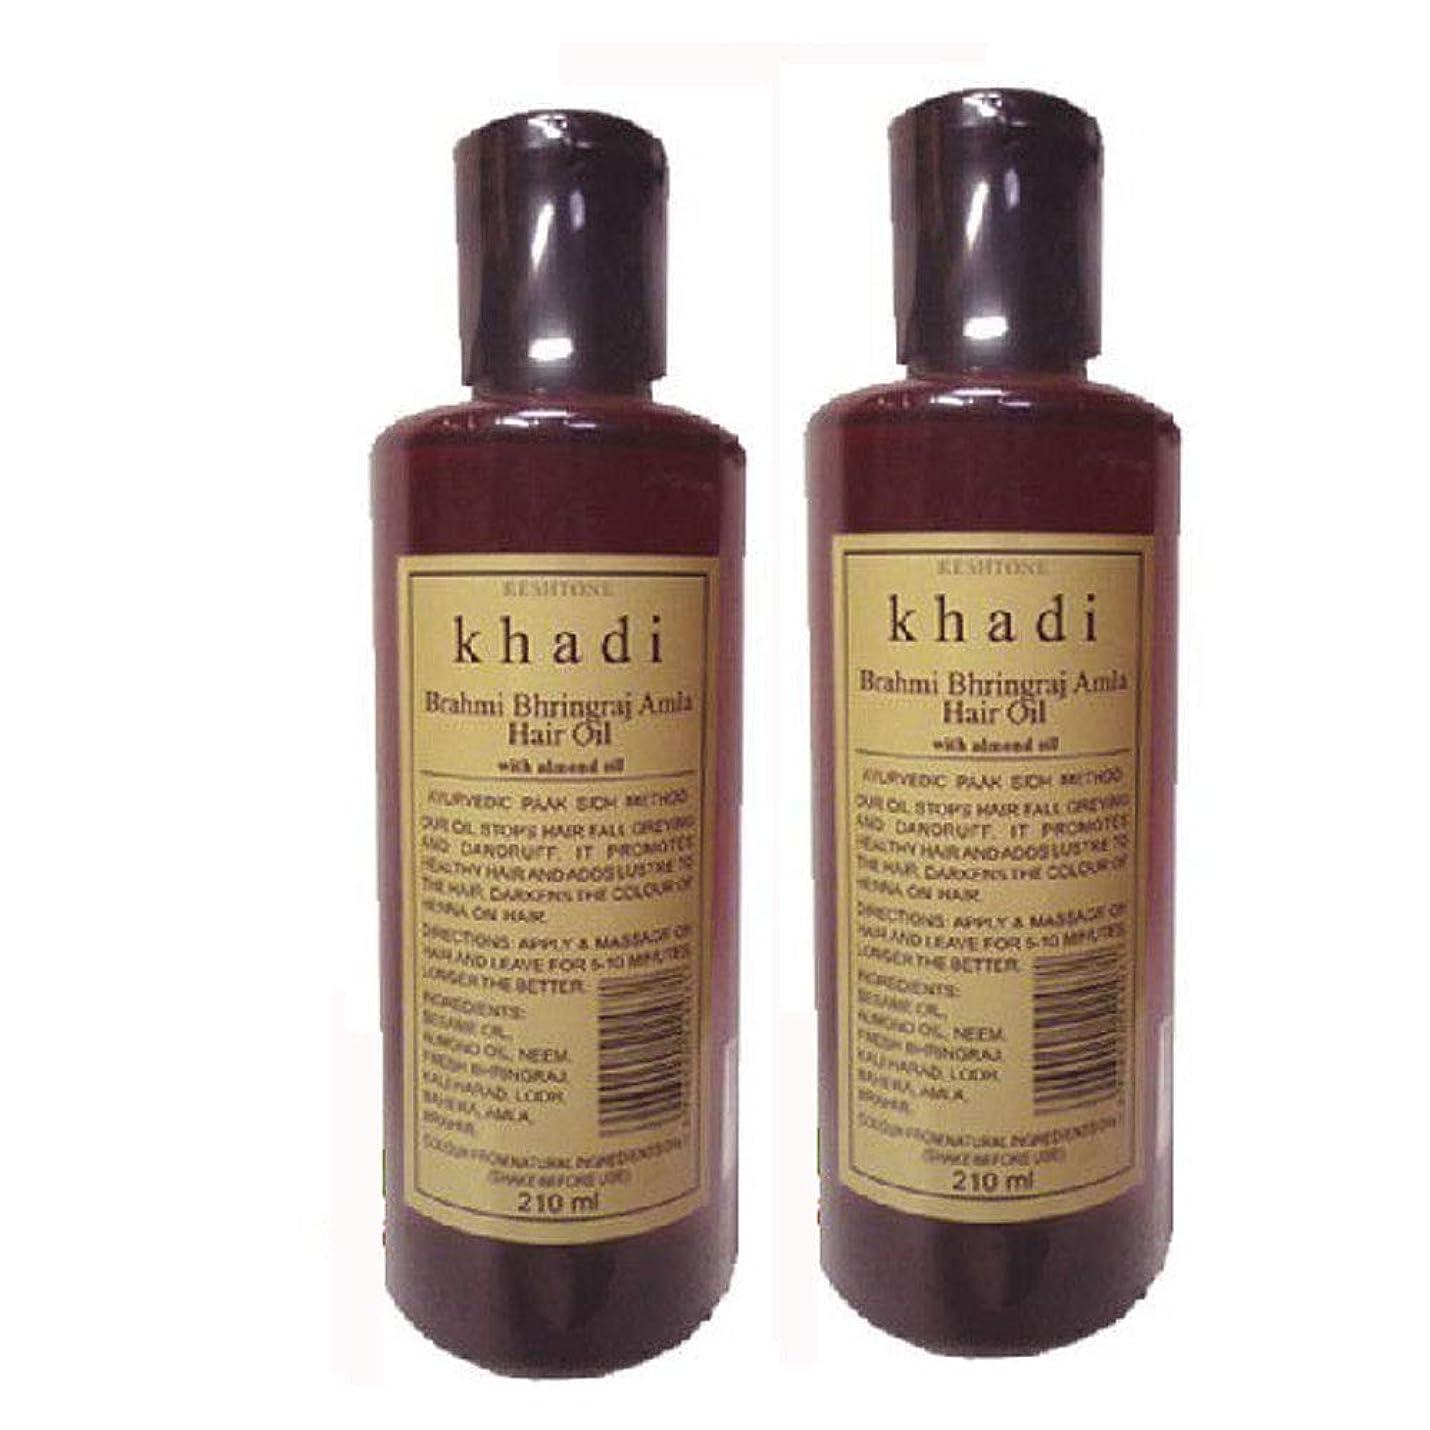 アルファベットエンジニア曲手作り カーディ ブラミ ブリングジ アムラ ヘアオイル 2本セット KHADI Brahmi Bhringraj Amla Hair Oil with almond oil 2set